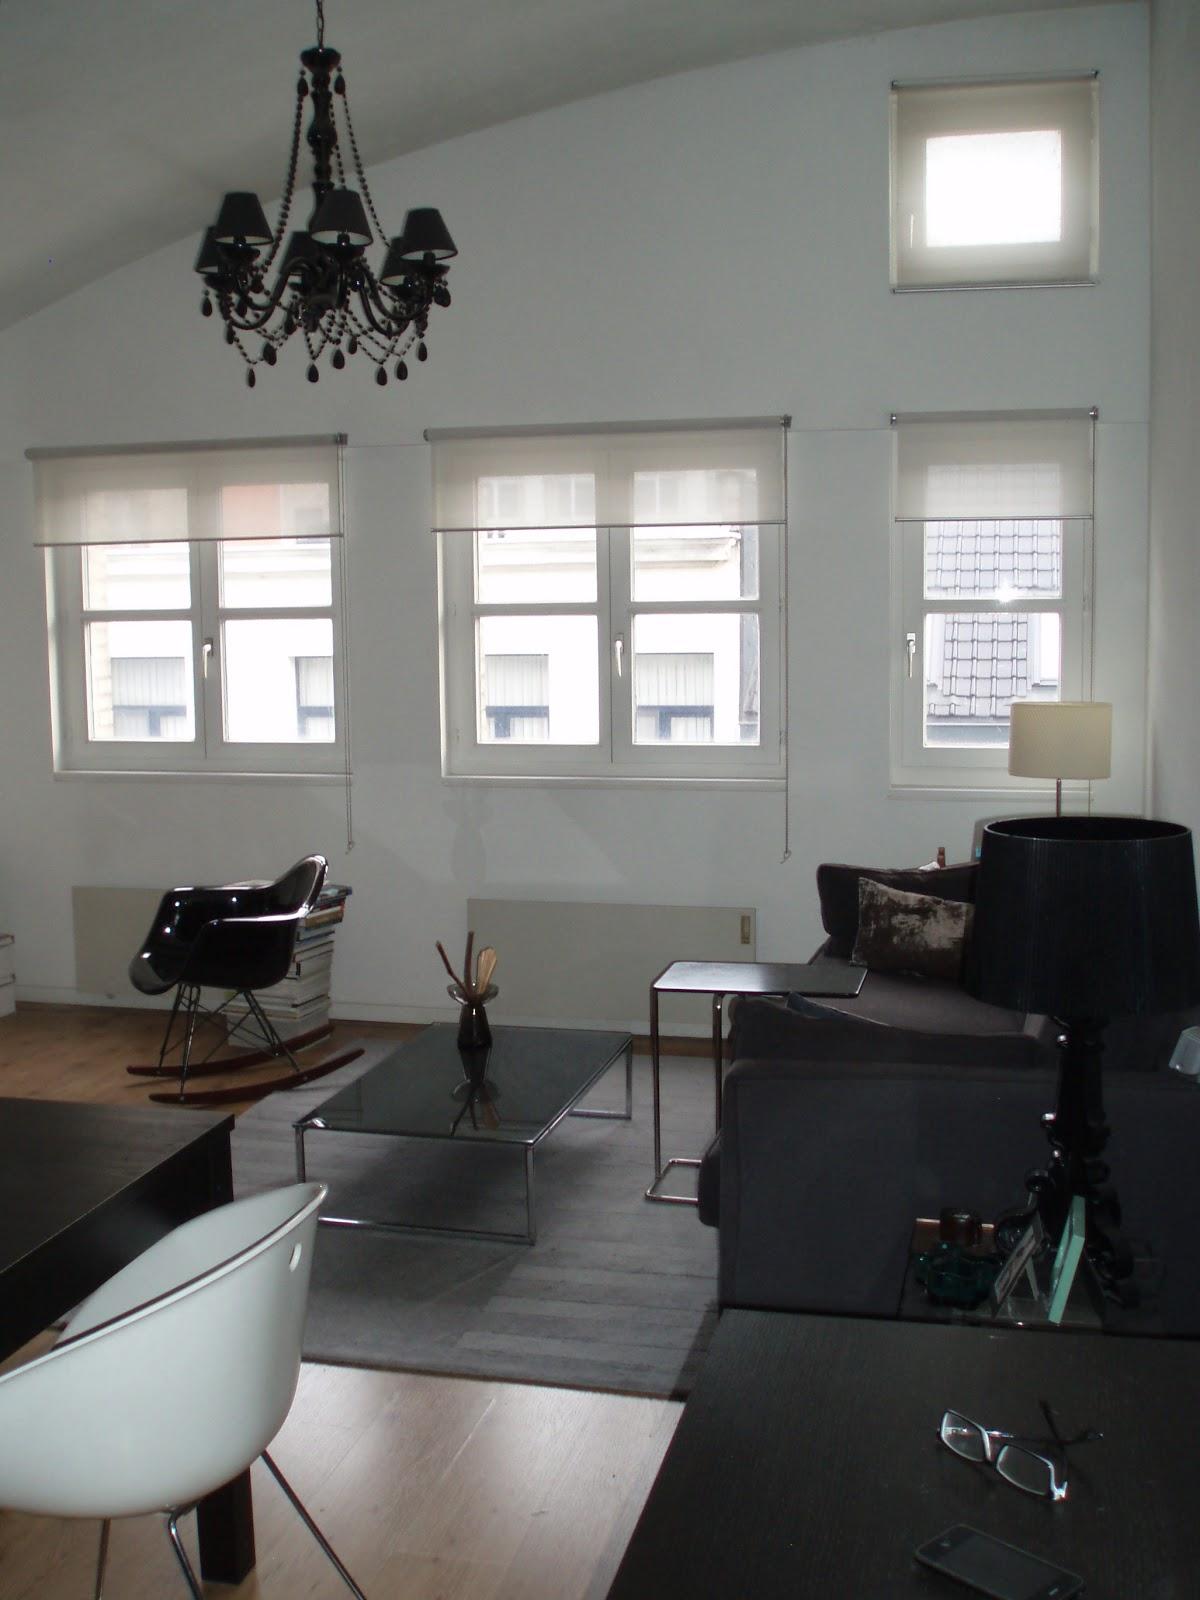 Proyectos low budget en decoracion de pisos de alquiler for Decoracion piso eixample